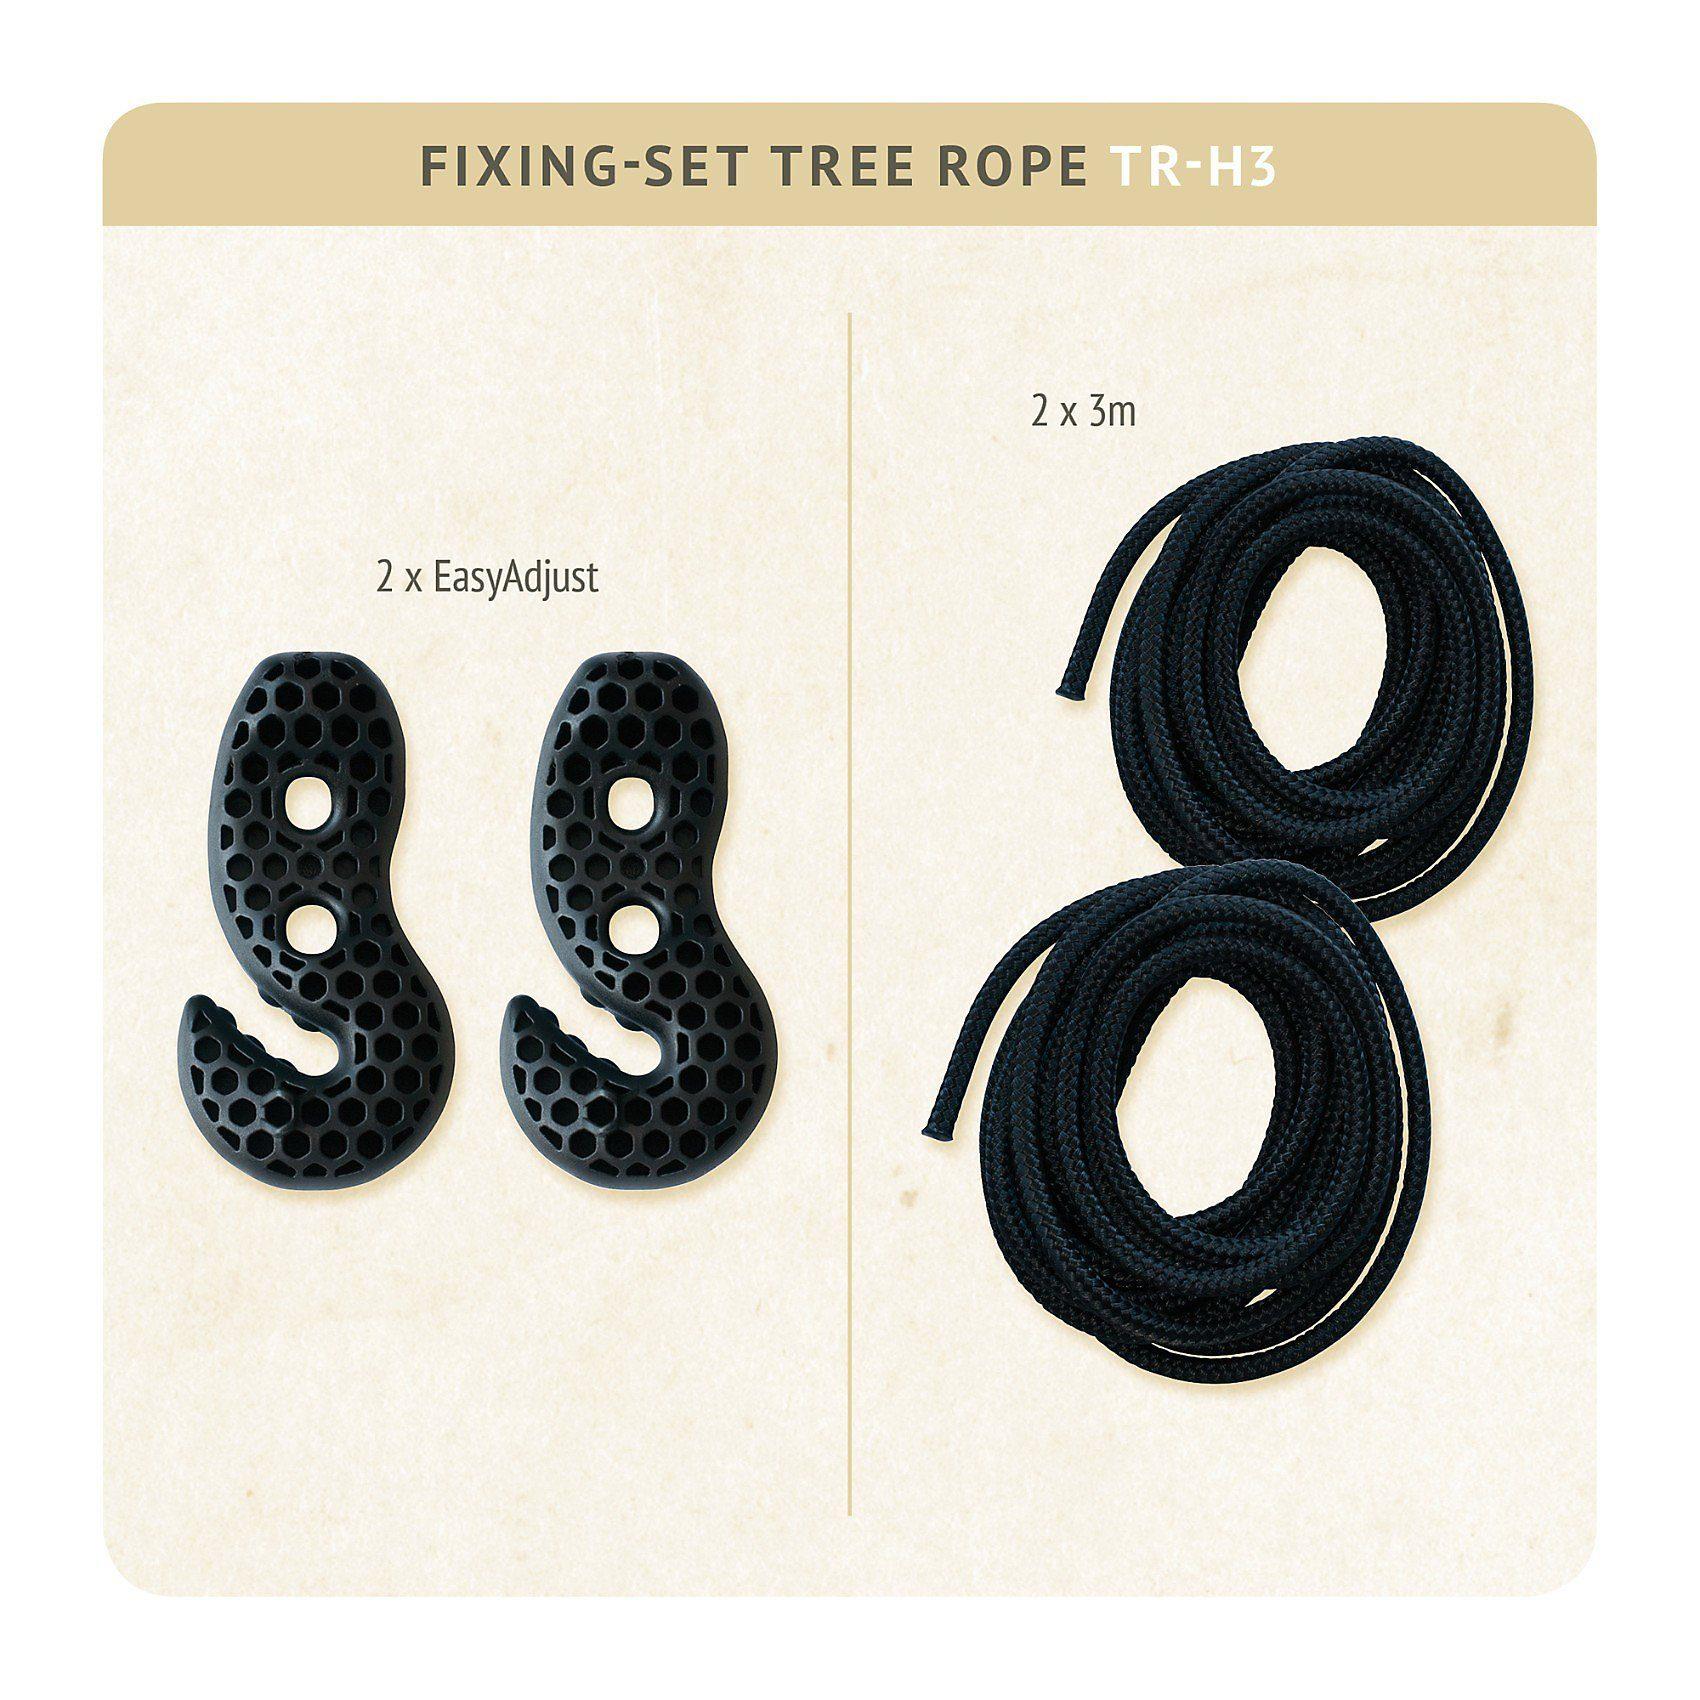 La Siesta Befestigungsset Tree Rope, bis 200 kg